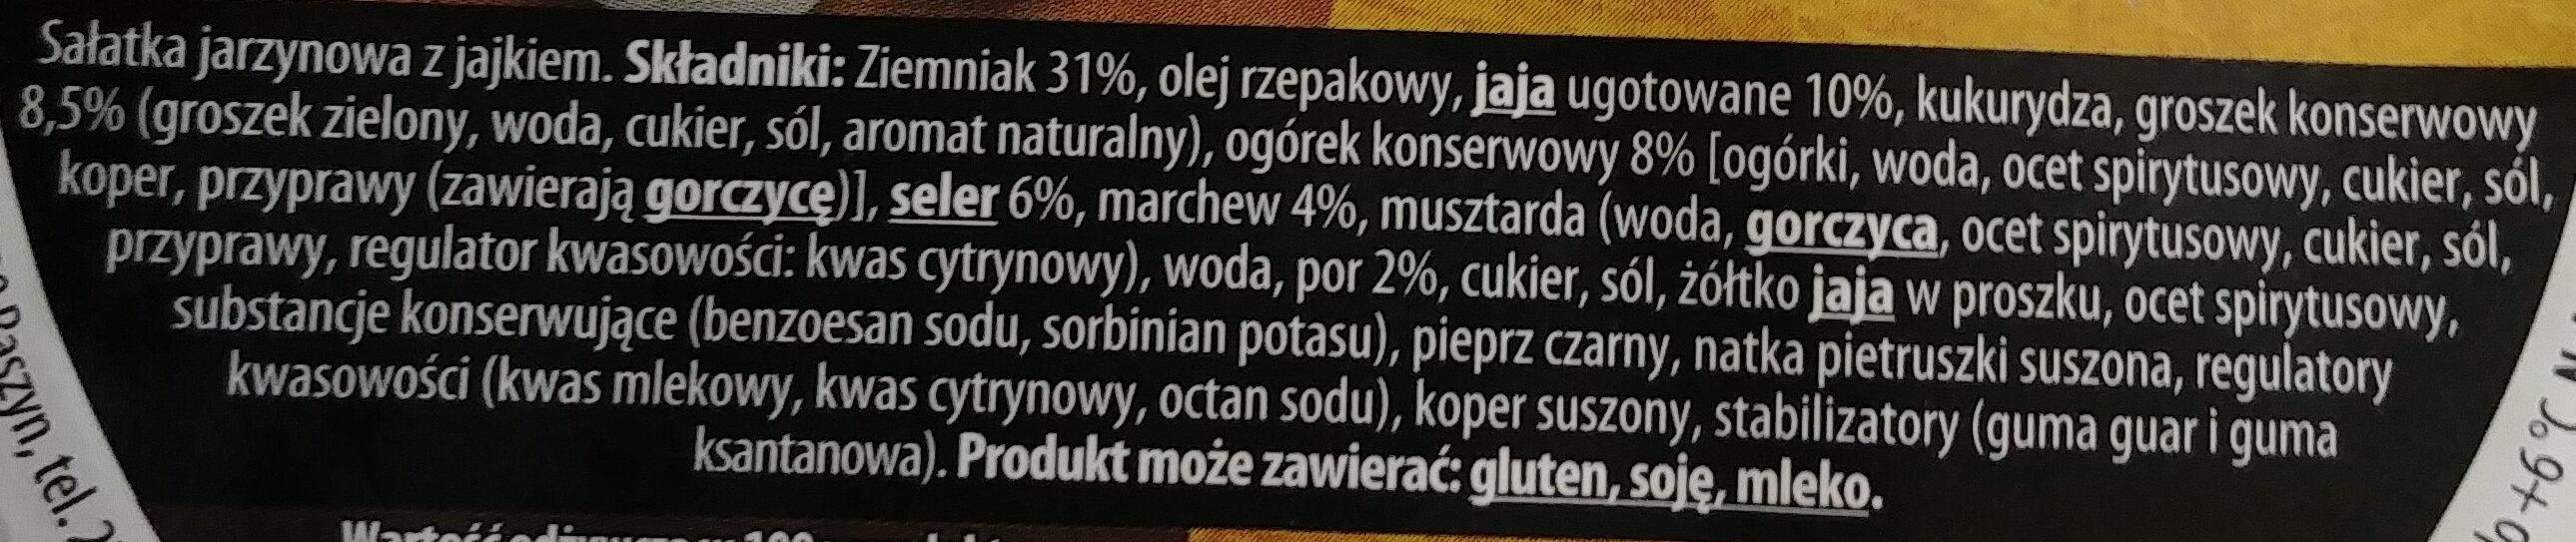 Sałatka jarzynowa z jajkiem - Składniki - pl